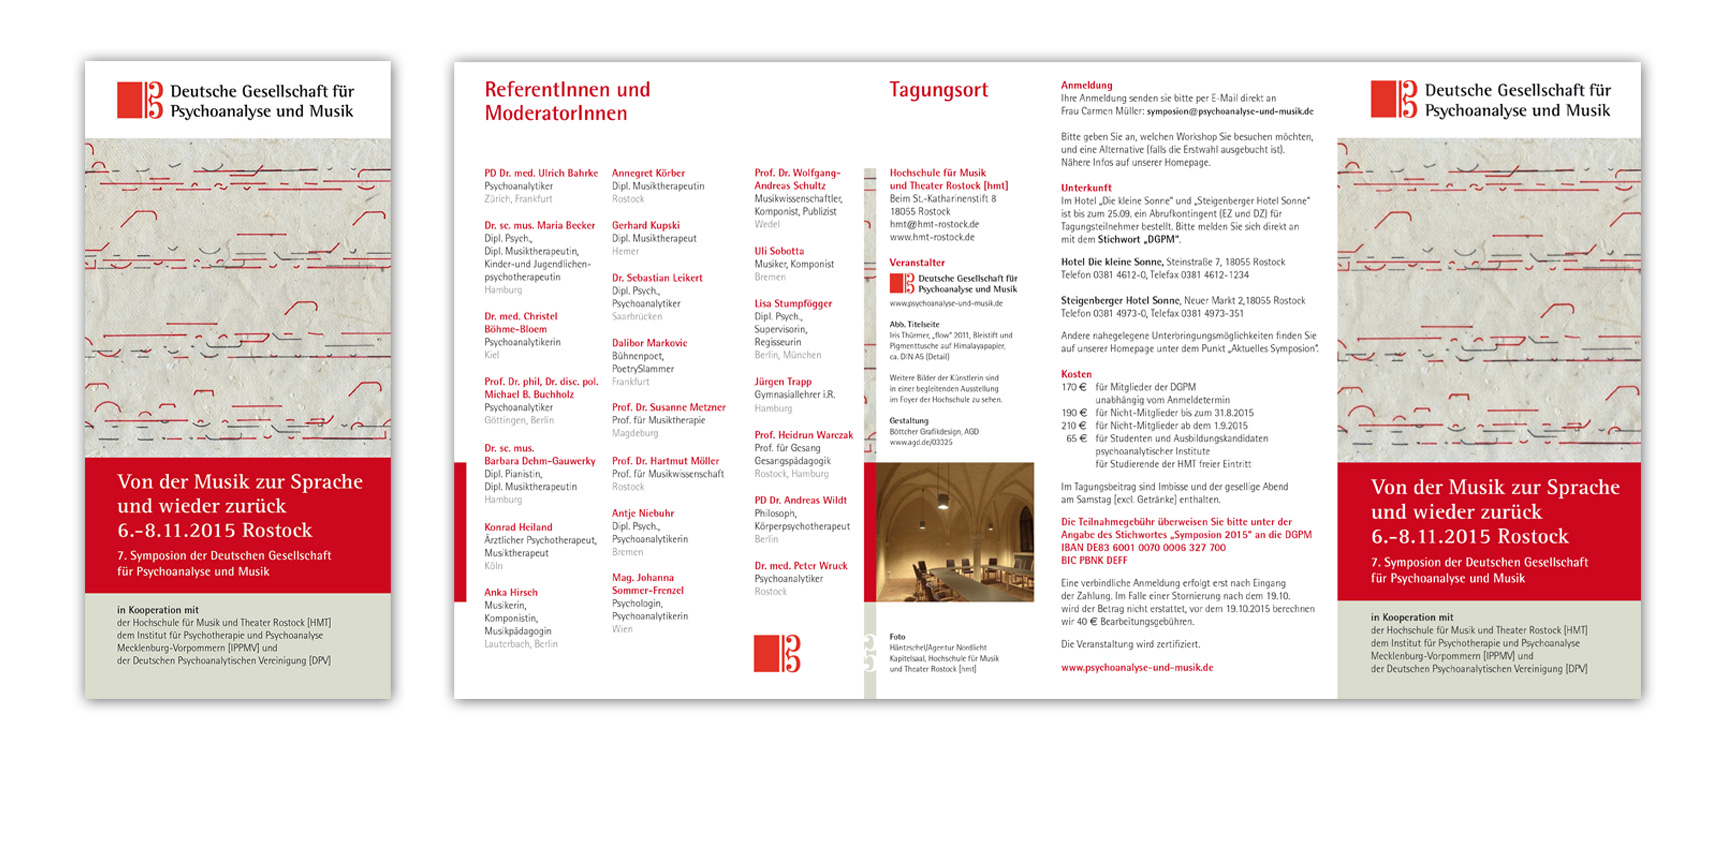 Symposion der Deutschen Gesellschaft für Psychoanalyse und Musik in Rostock | Faltprospekt